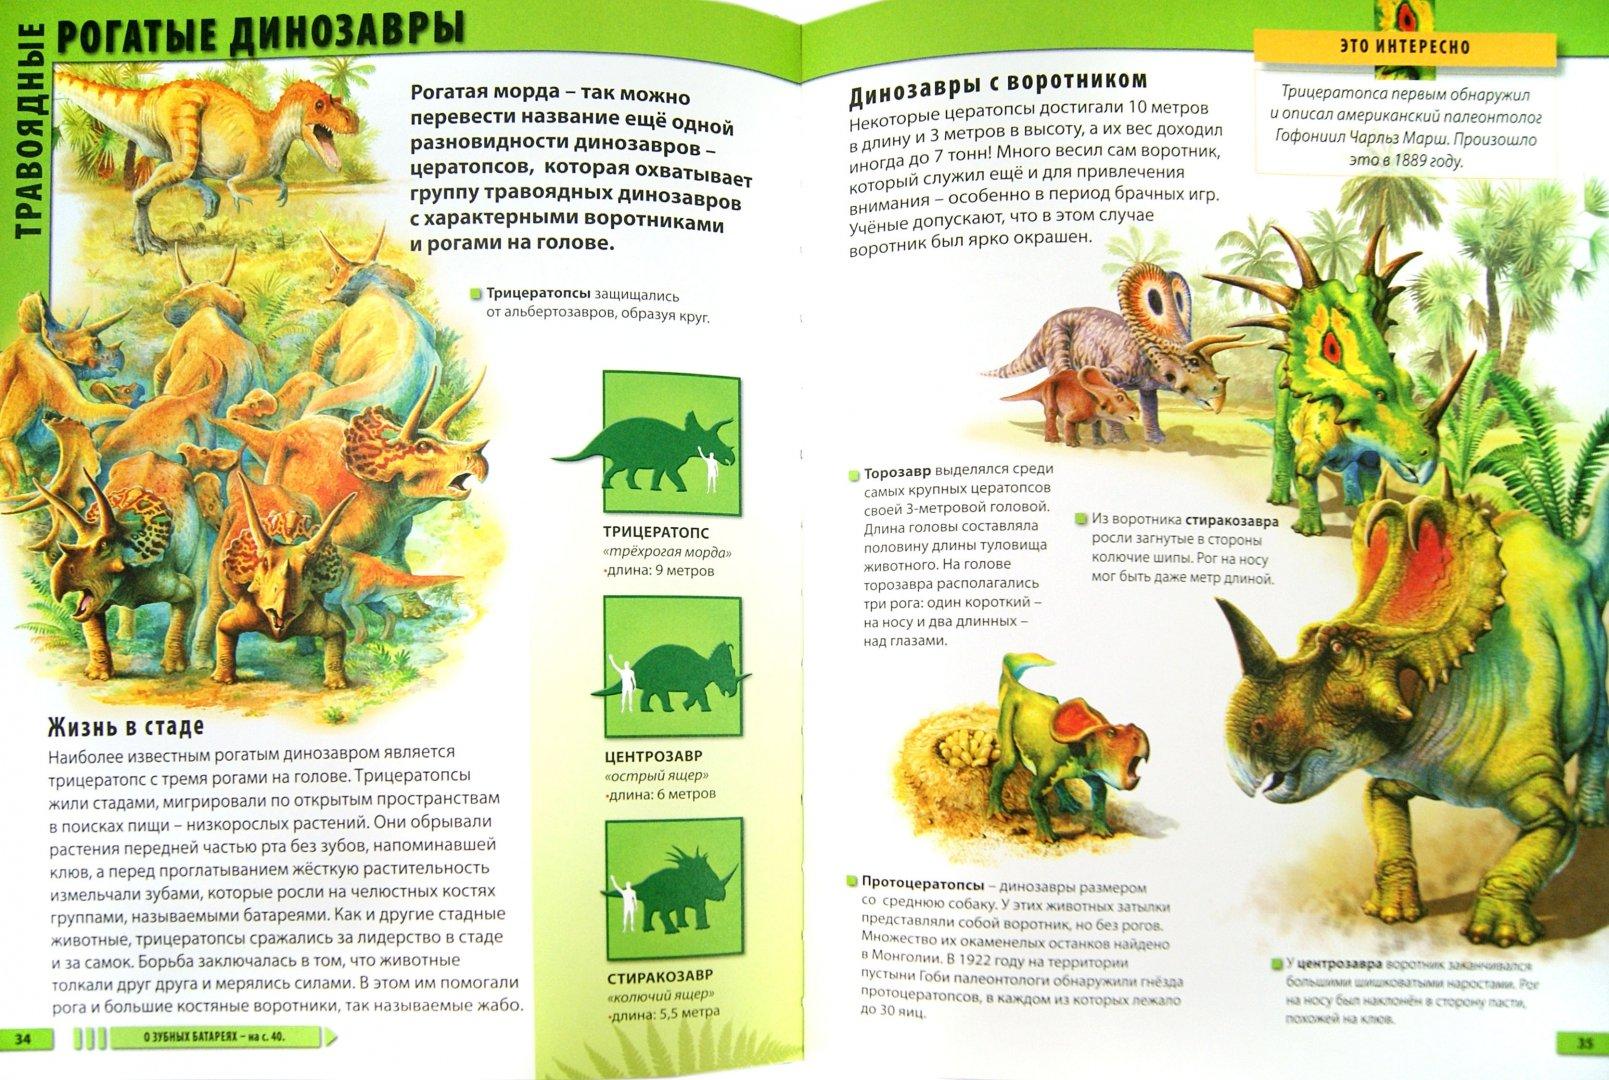 Иллюстрация 1 из 10 для Мир динозавров - Барбара Маевская | Лабиринт - книги. Источник: Лабиринт